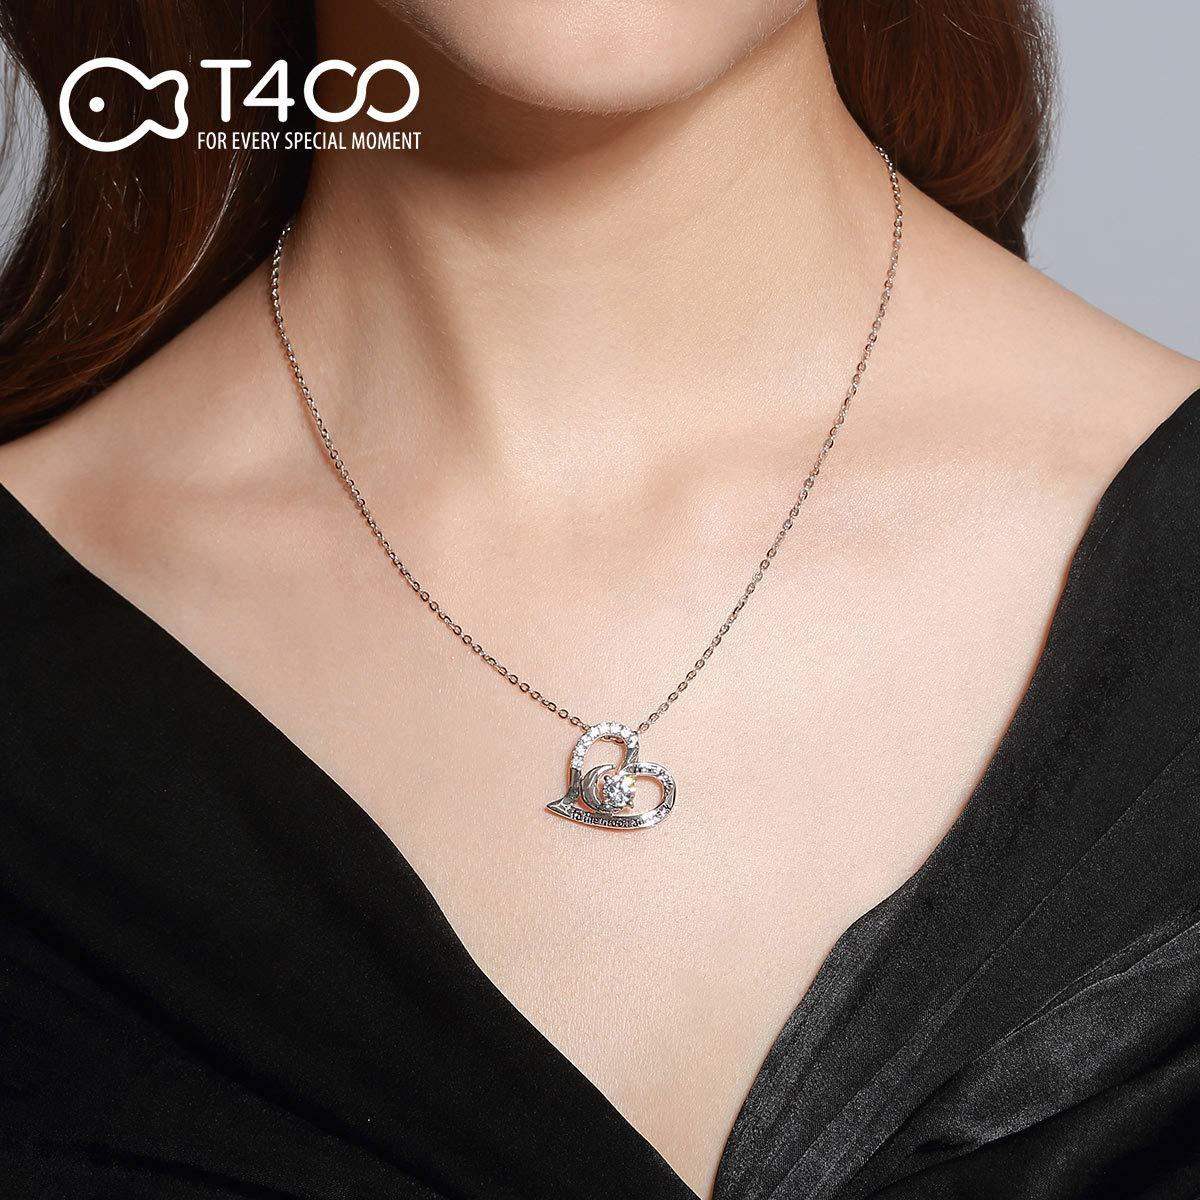 T400 Collar para Mujer Plata de Ley 925I Love You to The Moon and Back Te Quiero hasta la Luna y m/ás all/á Colgante Regalos de Joyer/ía para Mujeres,Longitud del Collar 45cm